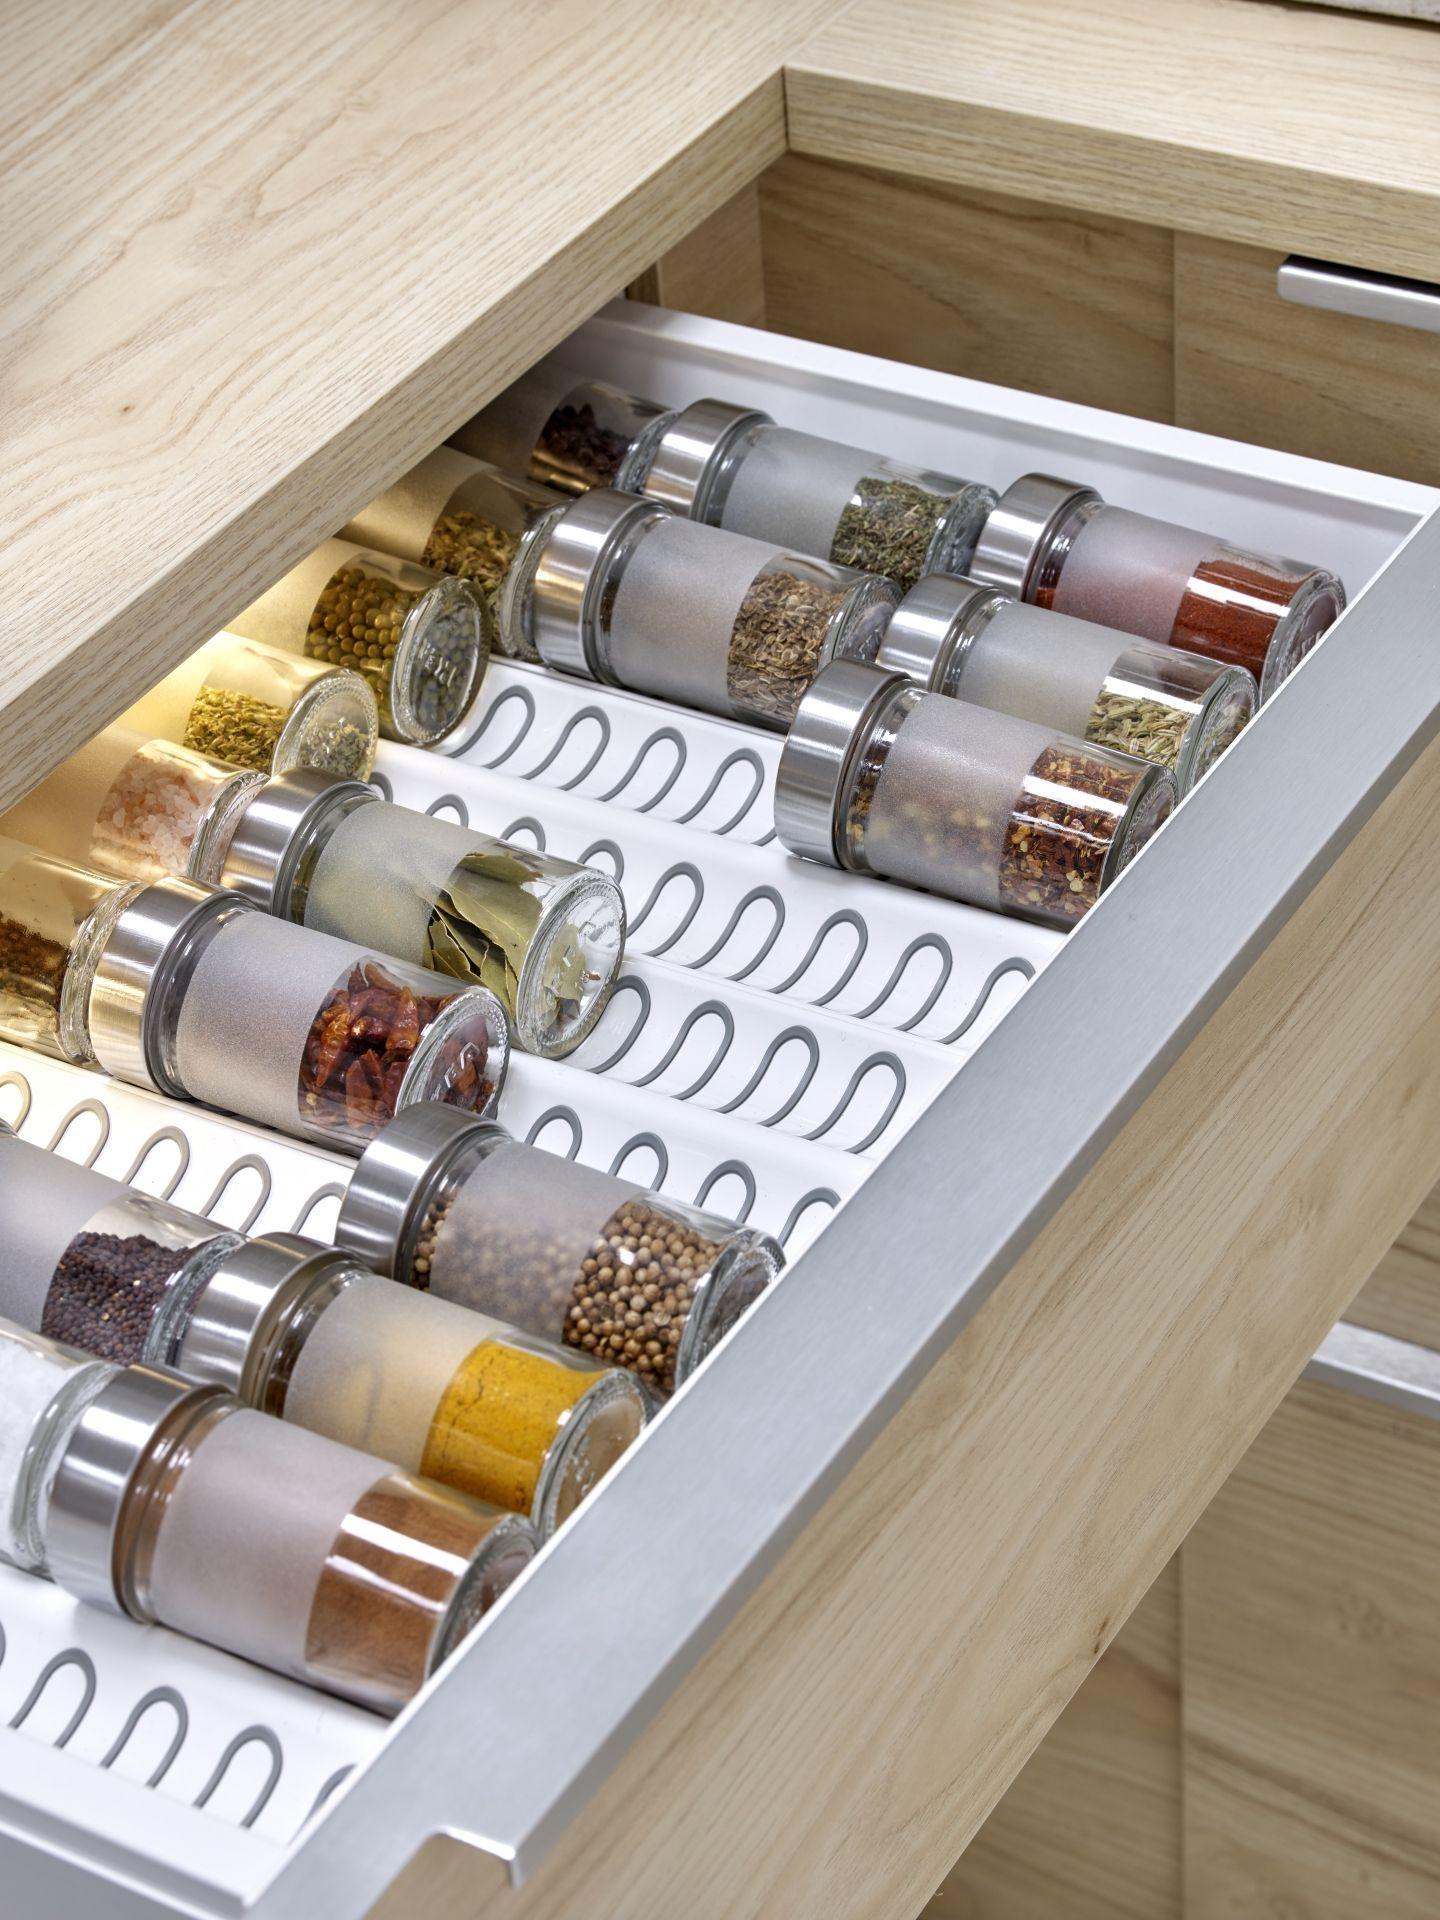 Variera Inzet Ikeacatalogus Nieuw 2018 Ikea Ikeanl Ikeanederland Keukenlade Inzet Kruidenpotjes Koken Praktisch Op Kruidenpotjes Keuken Inrichten Keuken Idee